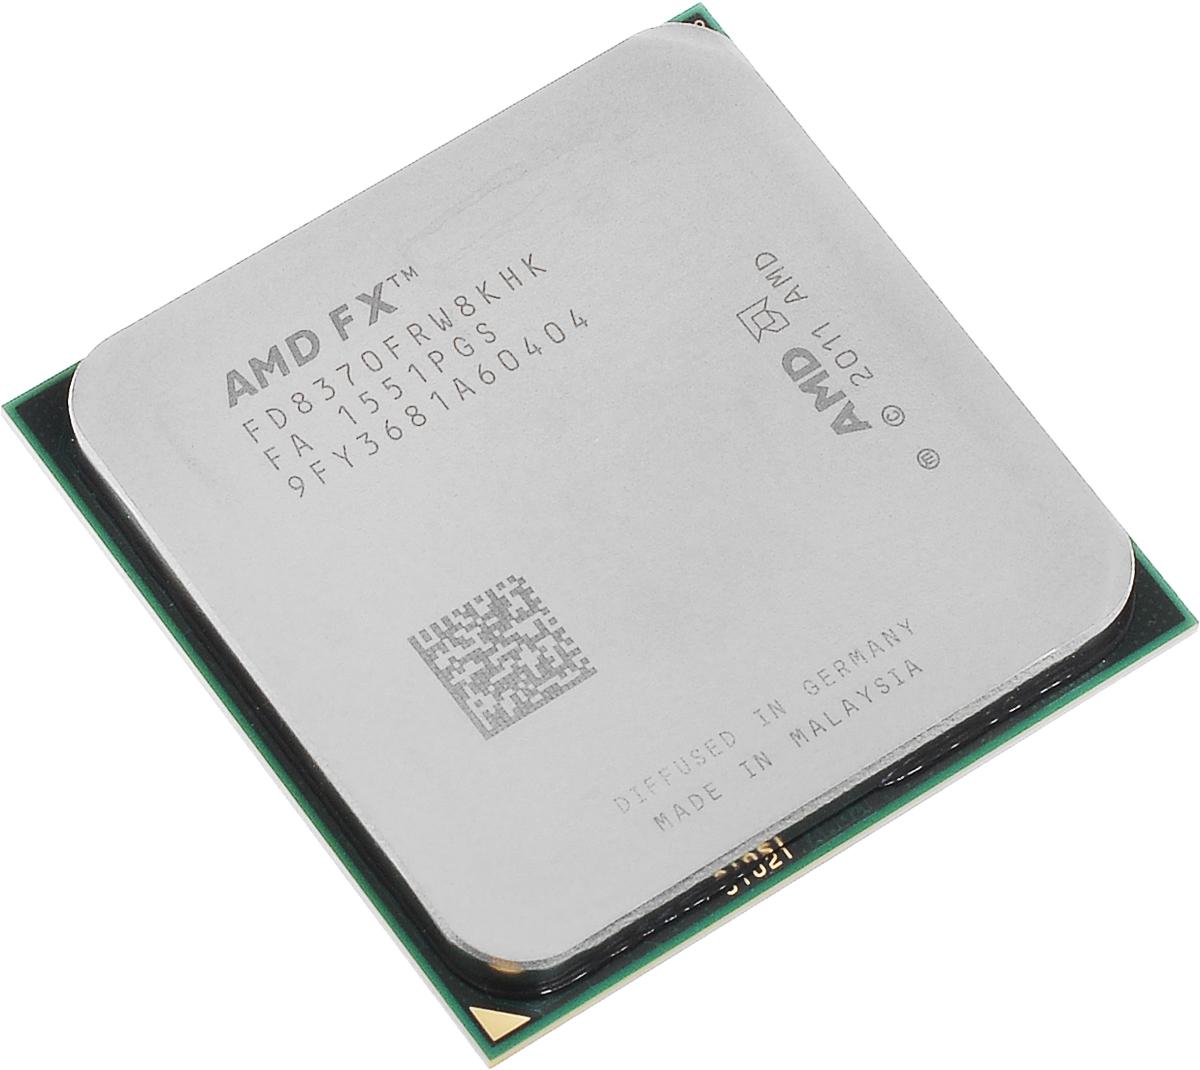 AMD FX-8370 процессор (FD8370FRW8KHK)FD8370FRW8KHKПроцессор AMD FX-8370 подойдет для настольных персональных компьютеров, основанных на платформе AMD. Данная модель имеет разблокированный множитель, а также встроенный двухканальный контроллер памяти DDR3. Процессор поддерживает все основные технологии AMD: AMD64 Enhanced Virus Protection, HyperTransport, PowerNow! / CoolnQuiet, Turbo Core 3.0, Virtualization